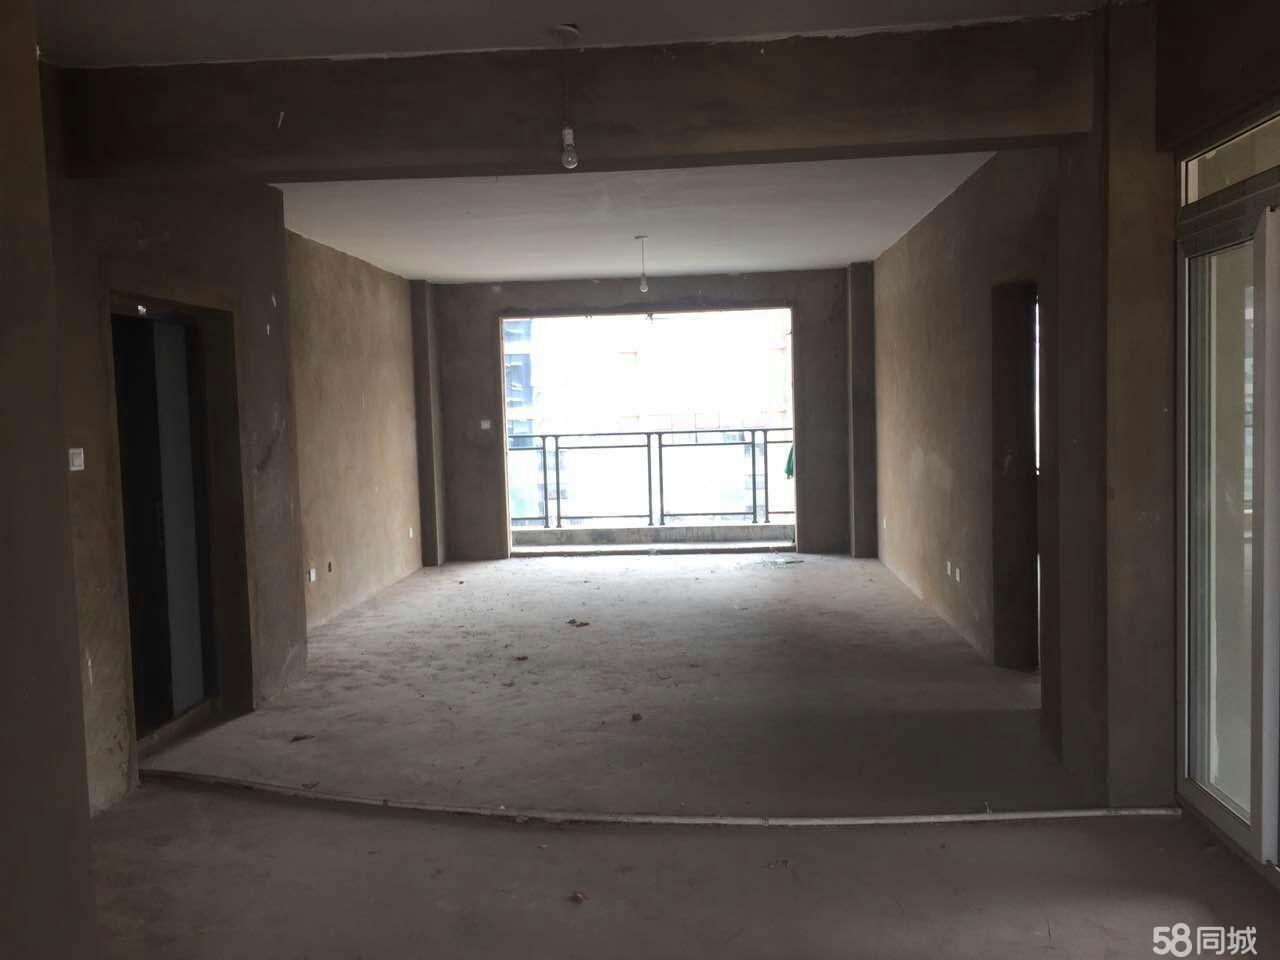 S中轴玉玺4室2厅2卫148㎡地段佳楼层好采光充足